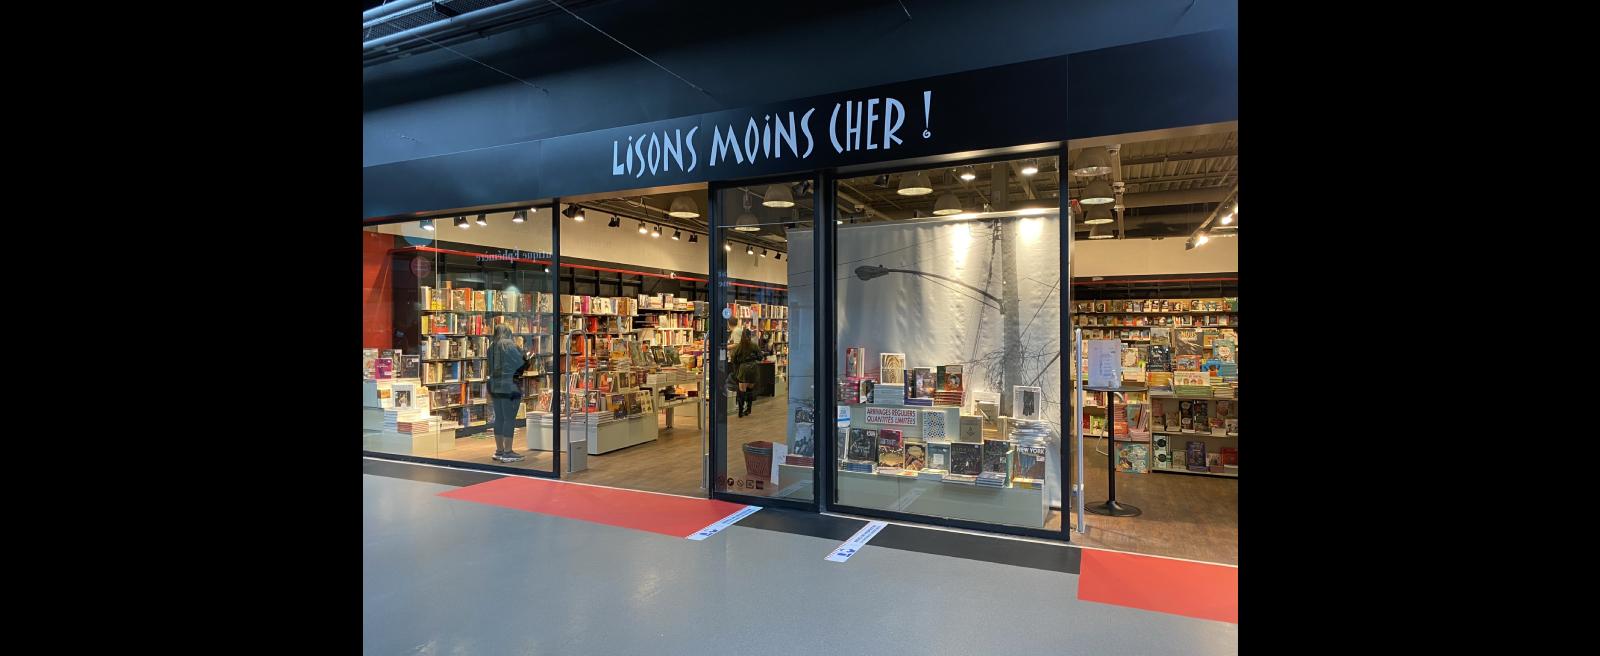 Boutique Lisons Moins Cher - Usines Center